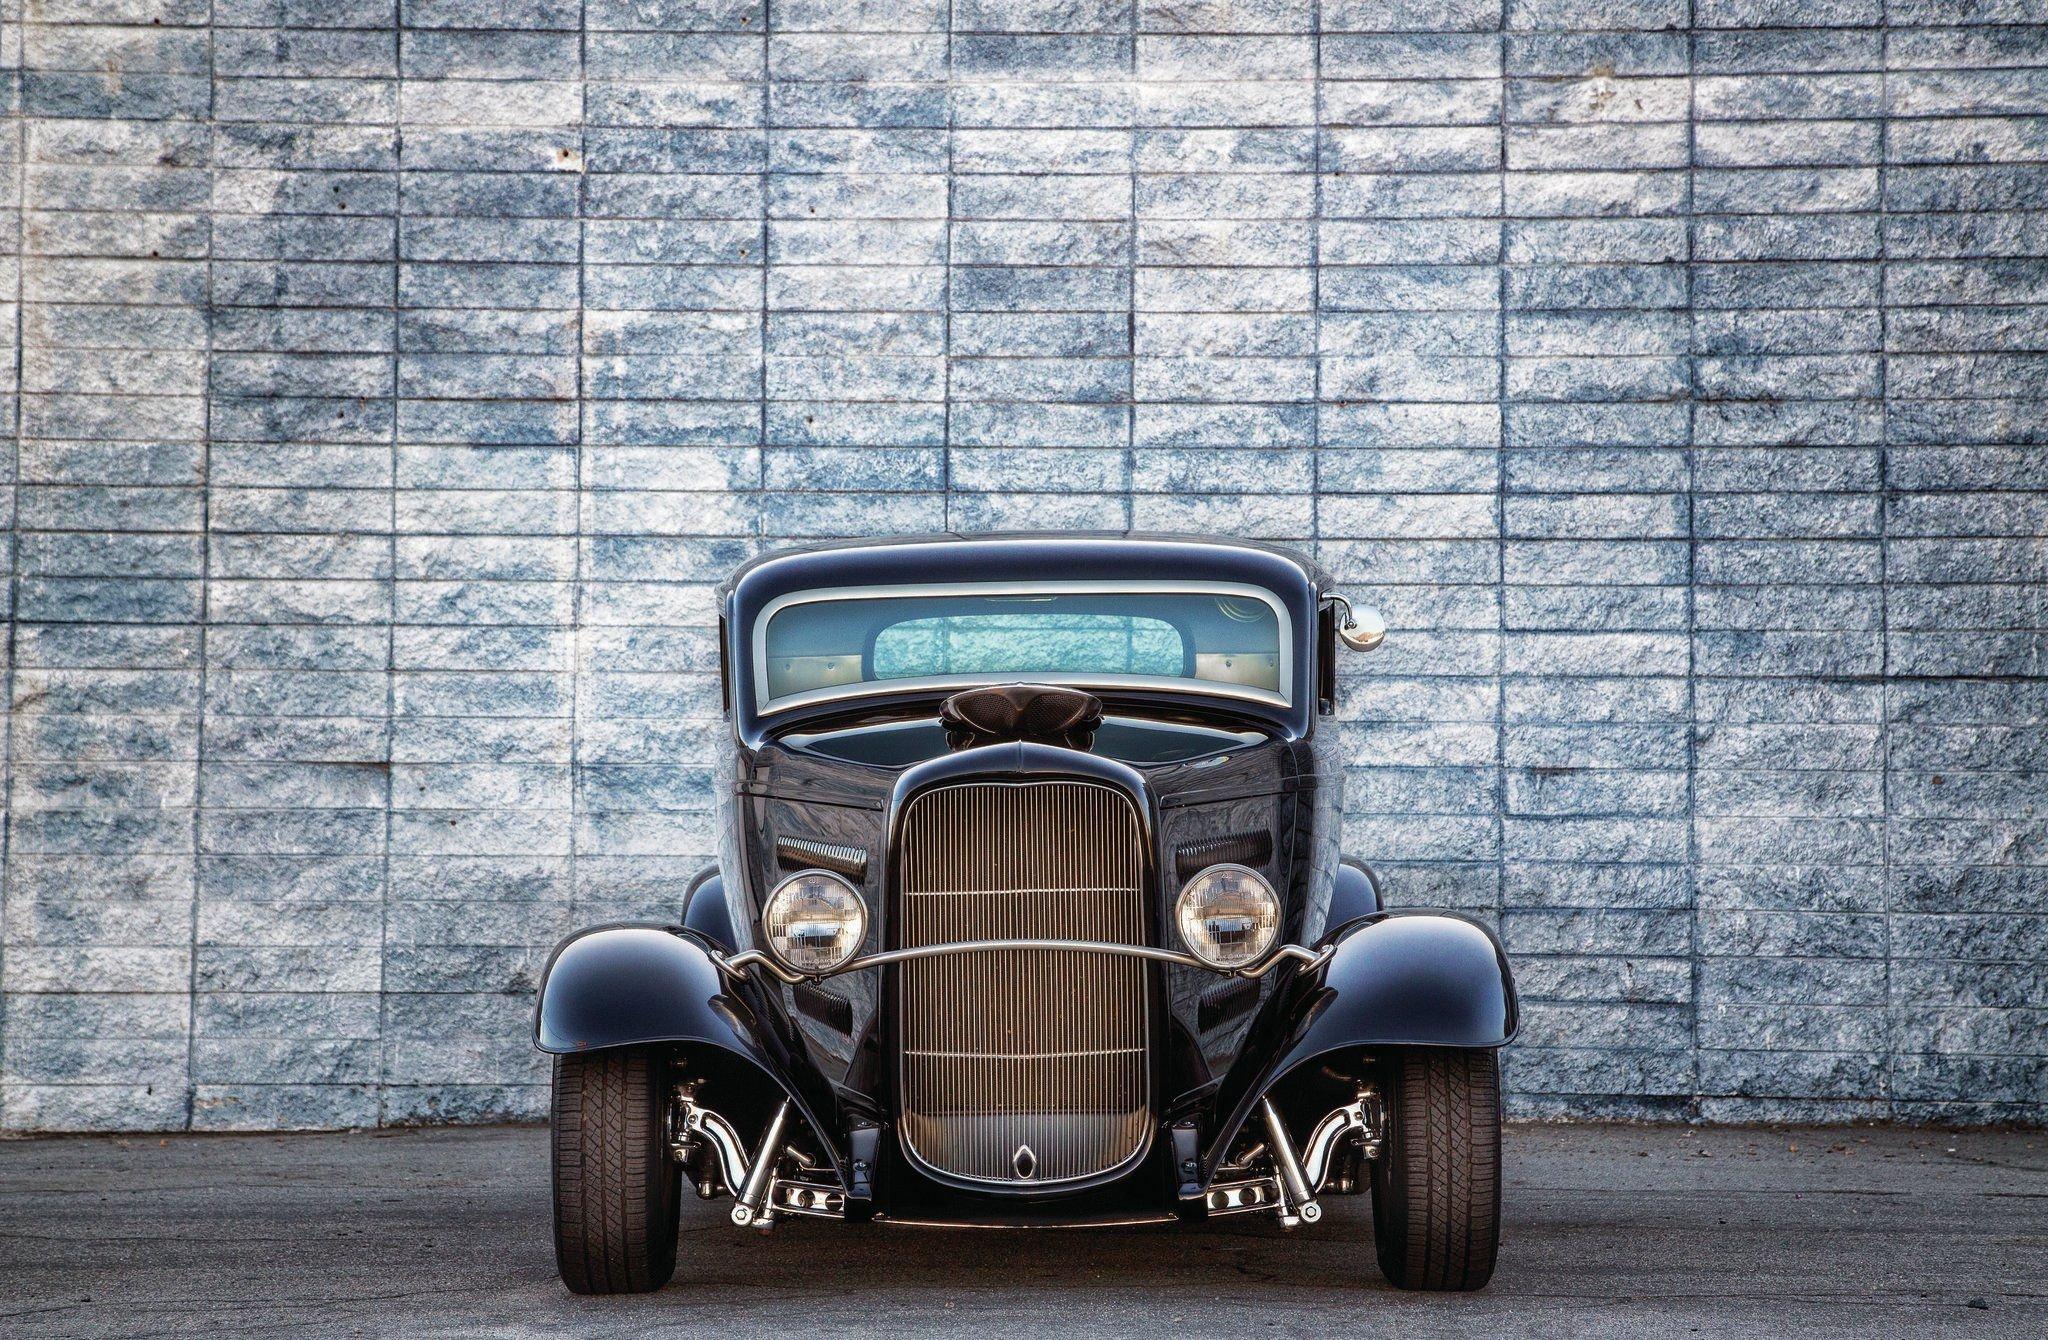 1932 Ford Deuce 3 Window-04 wallpaper